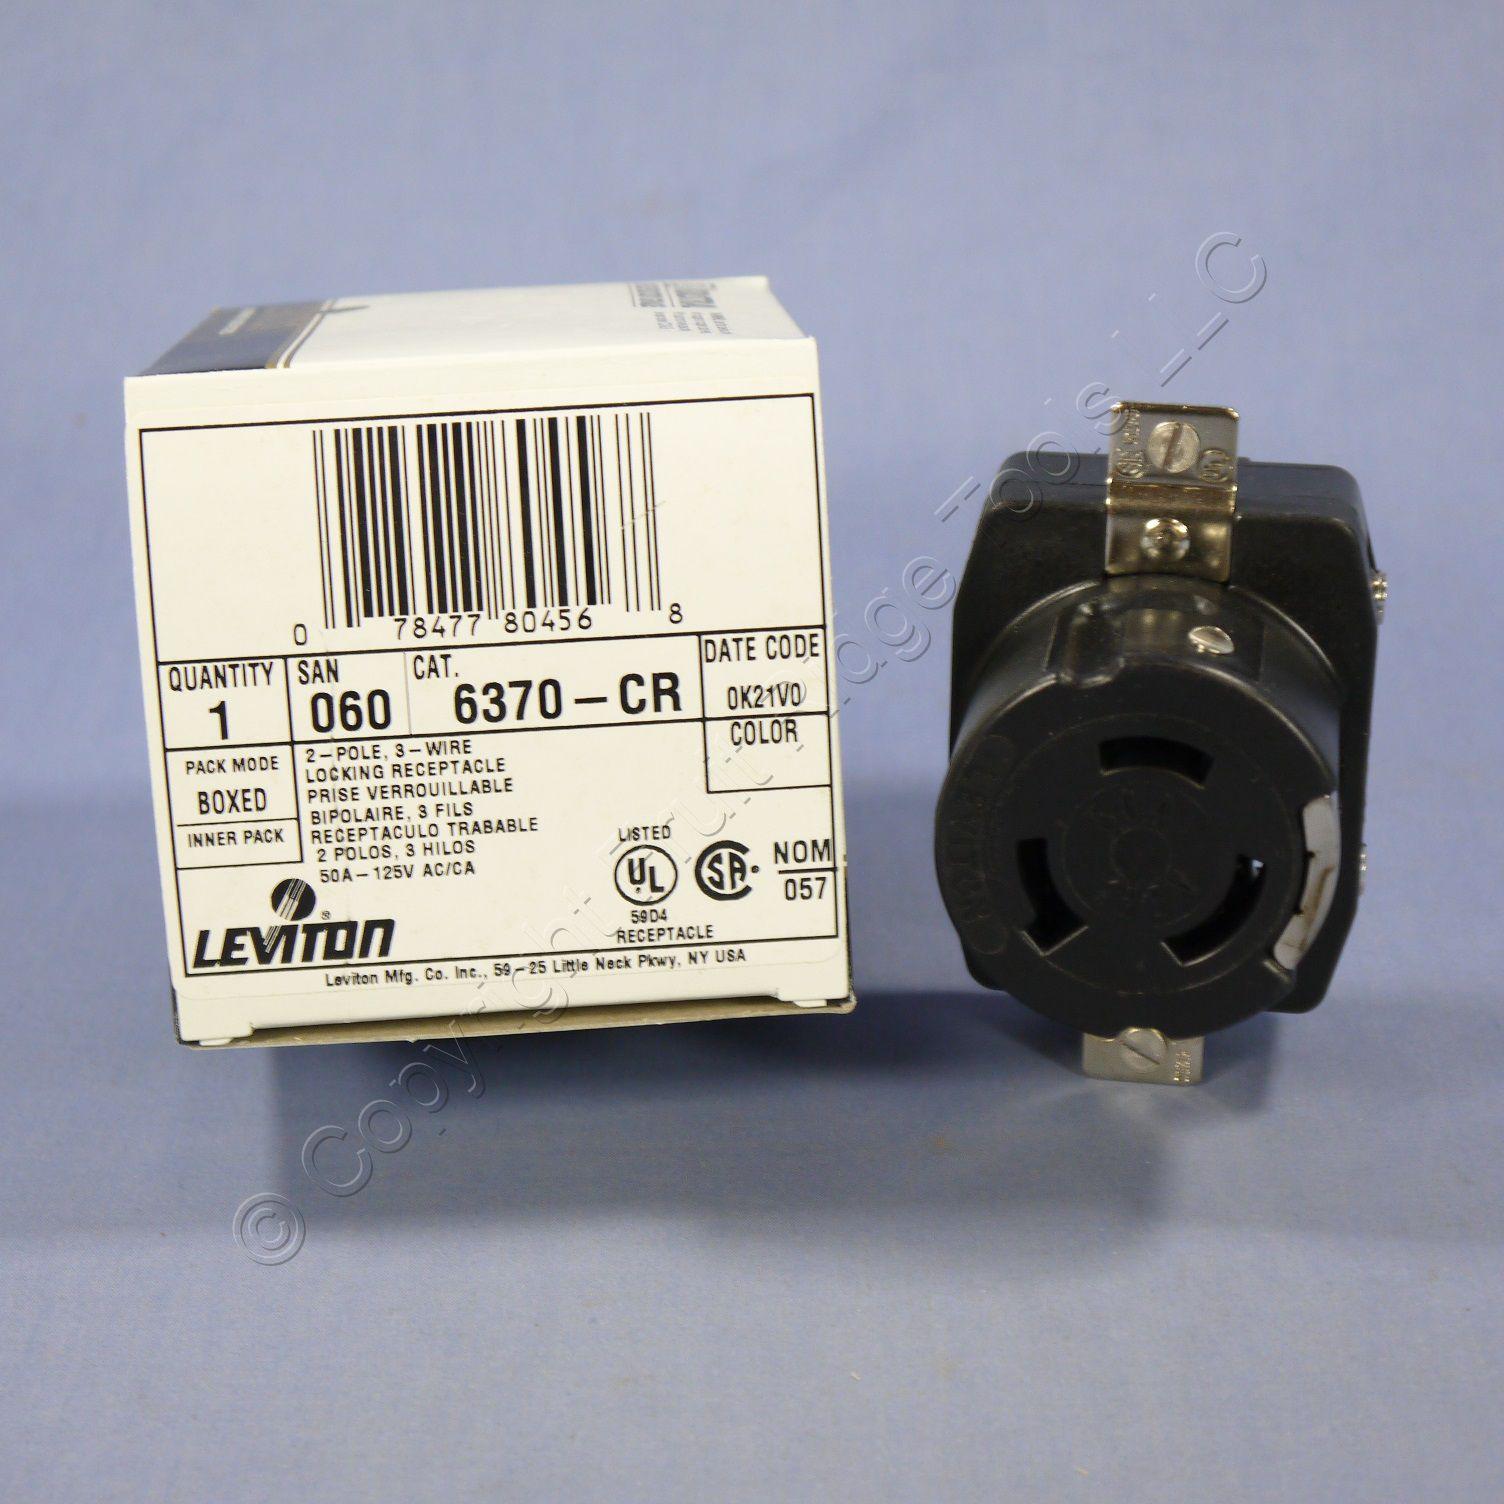 New Leviton Twist Lock Corrosion Resistant Receptacle Non-NEMA 50A ...